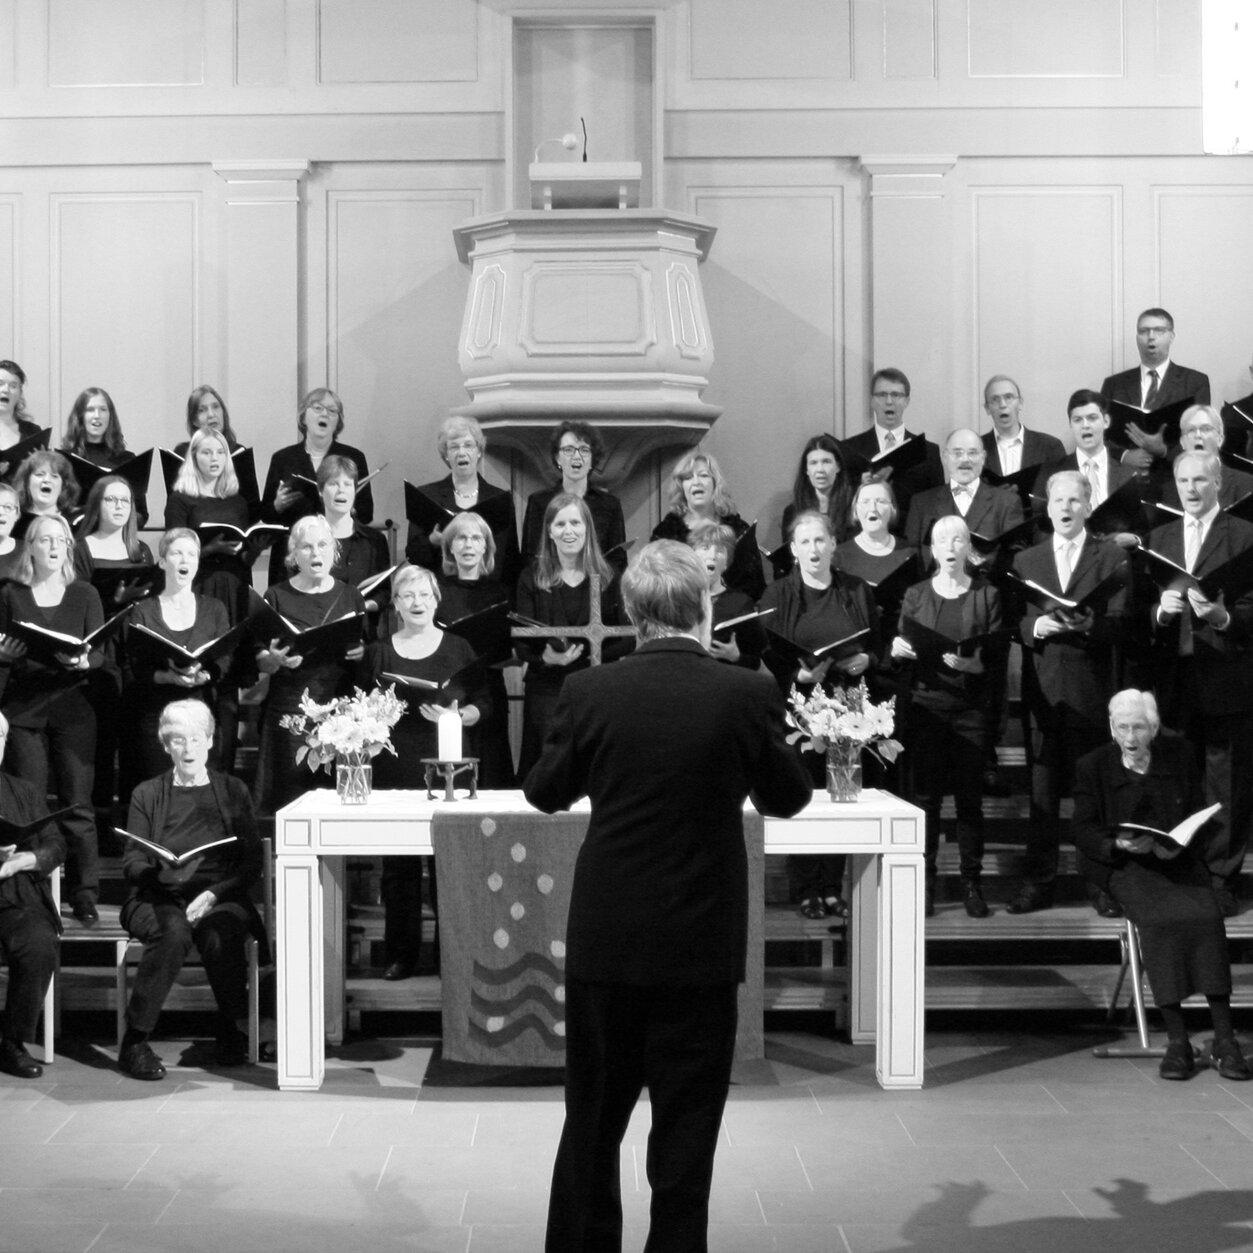 Konzert der Kantorei Kirchditmold mit Dvoraks Requiem